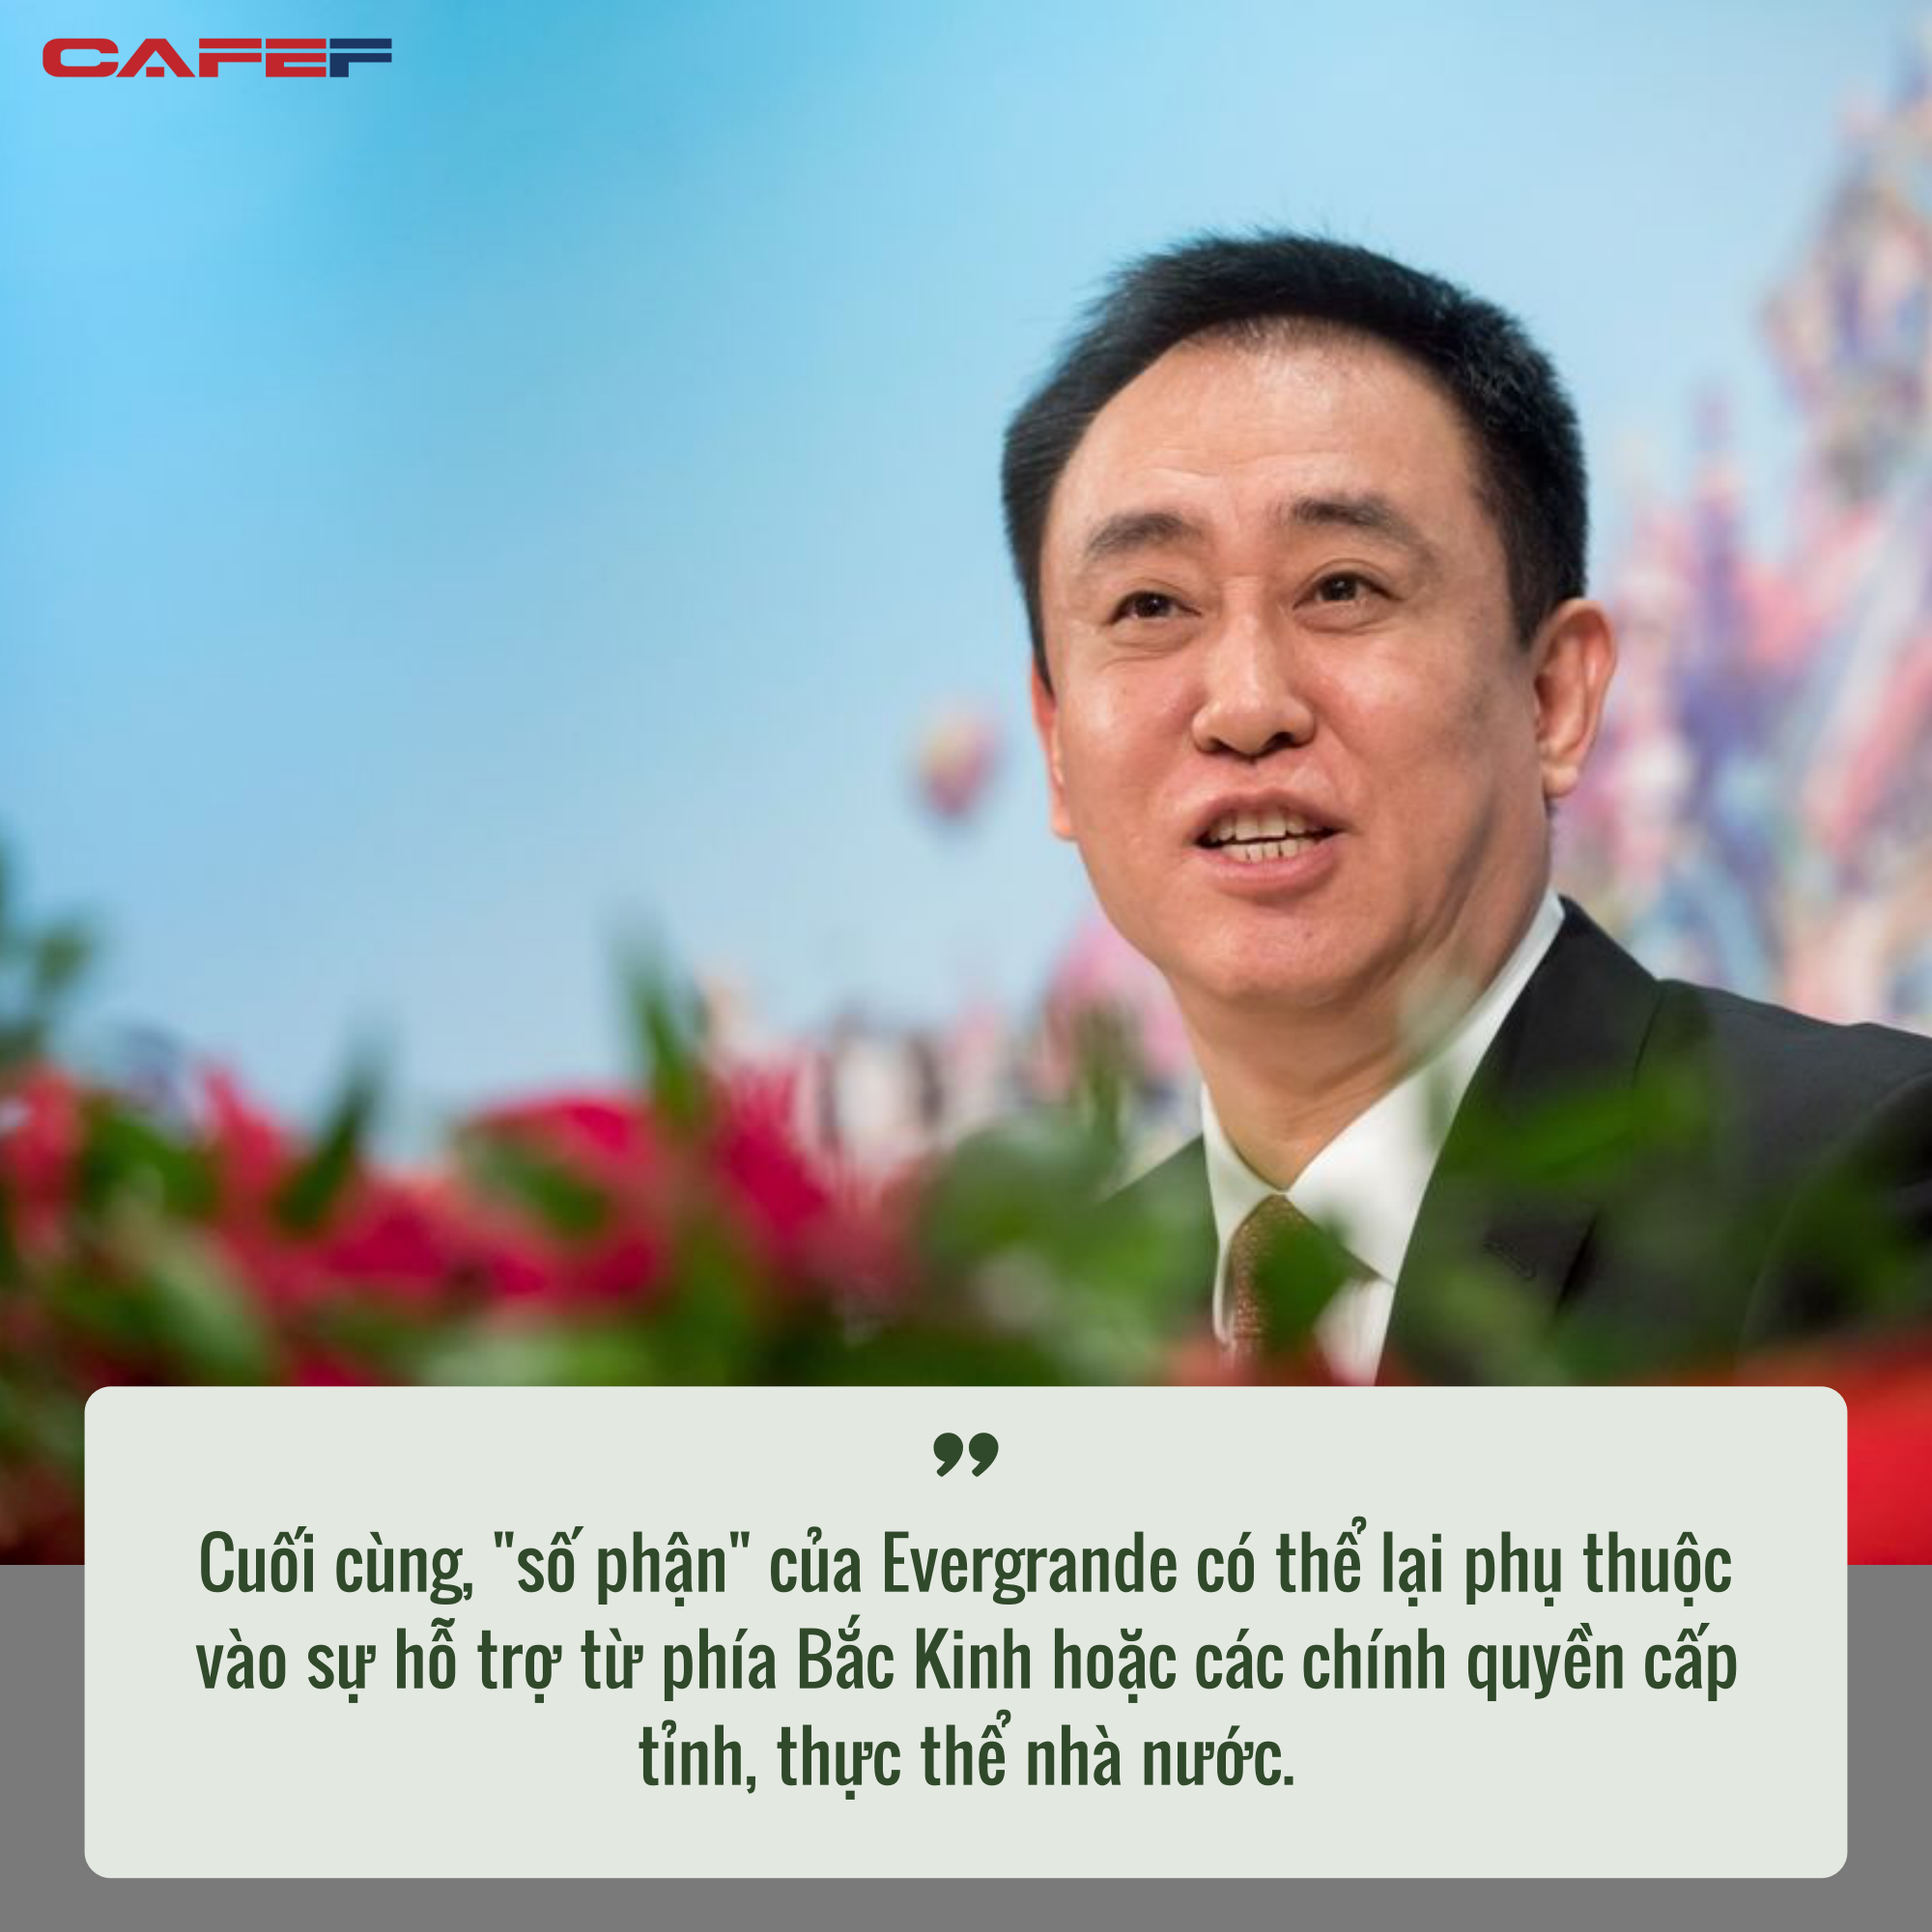 Từng là đế chế bất động sản lớn mạnh nhất thế giới, công ty này đang trở thành nỗi đau đầu kinh hoàng của Trung Quốc  - Ảnh 6.